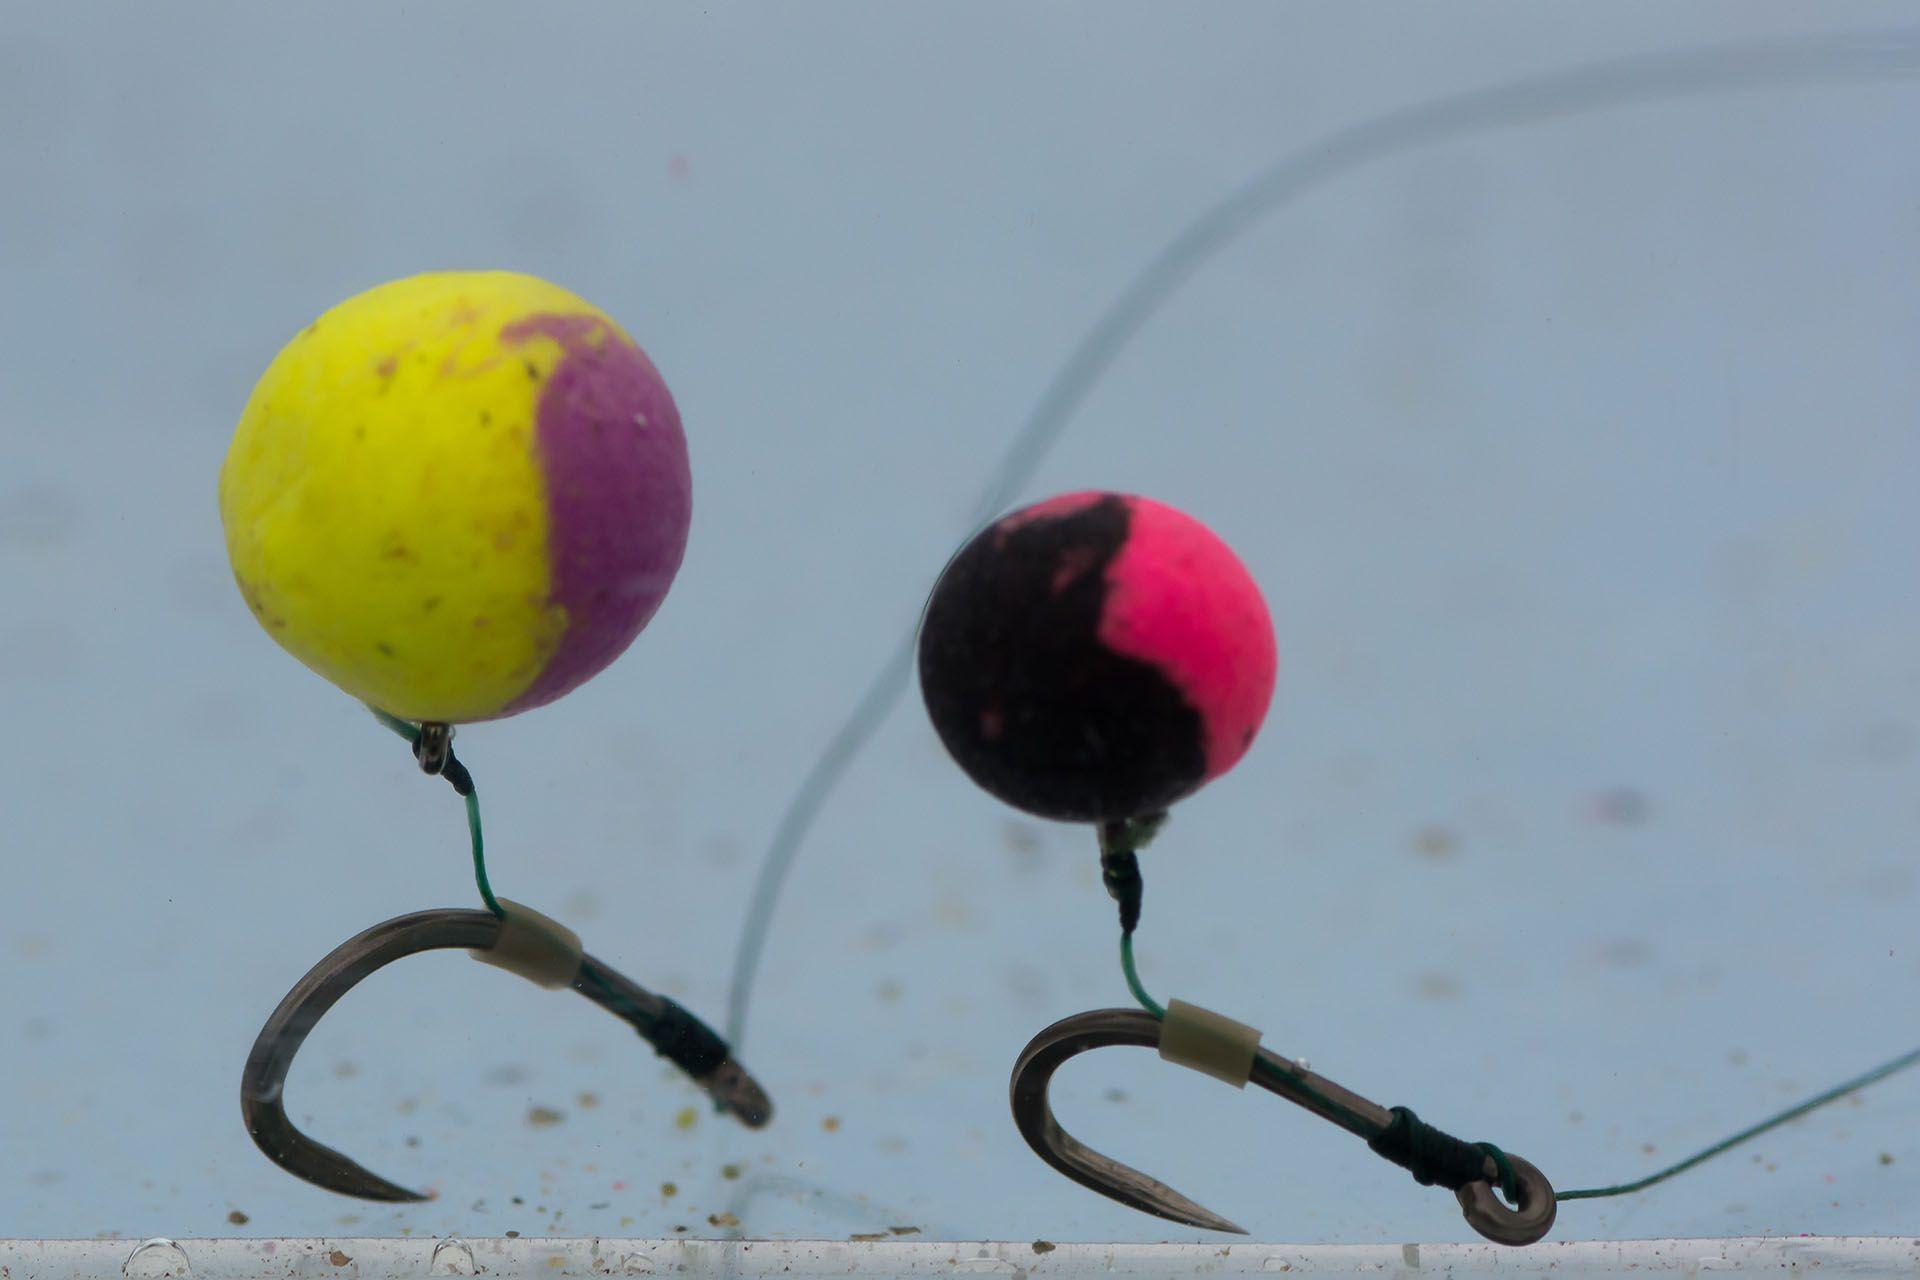 Így a legfogósabbak a Method csalik. A sárga + lila színű golyócska ananász és banán, a fekete + rózsaszín tintahal és polip ízesítésű